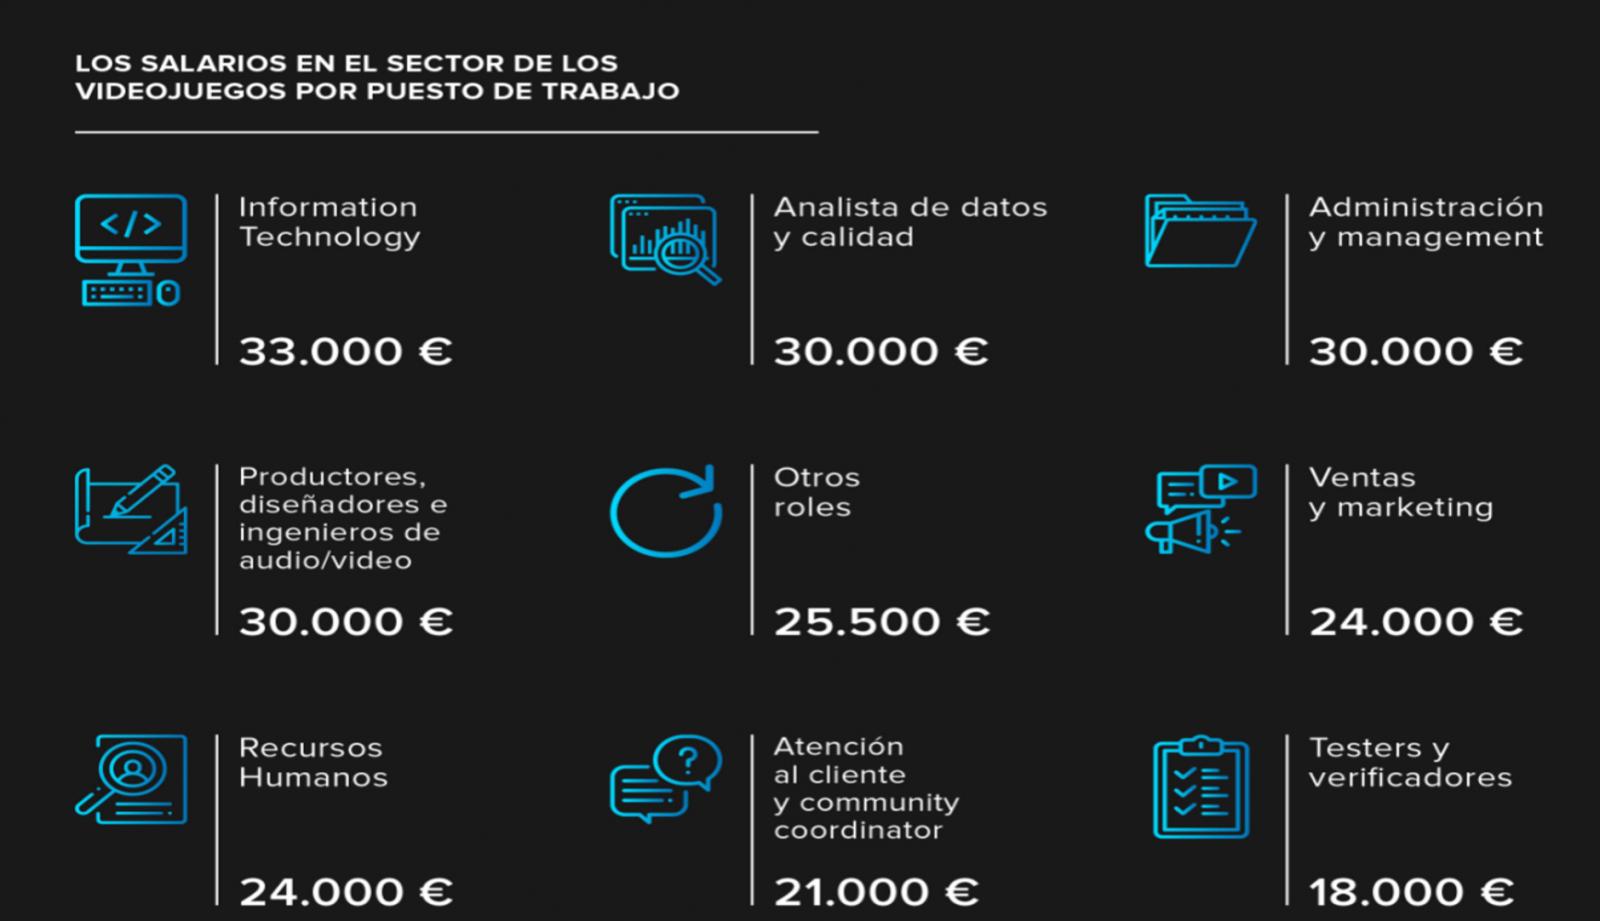 Salarios sector videojuegos